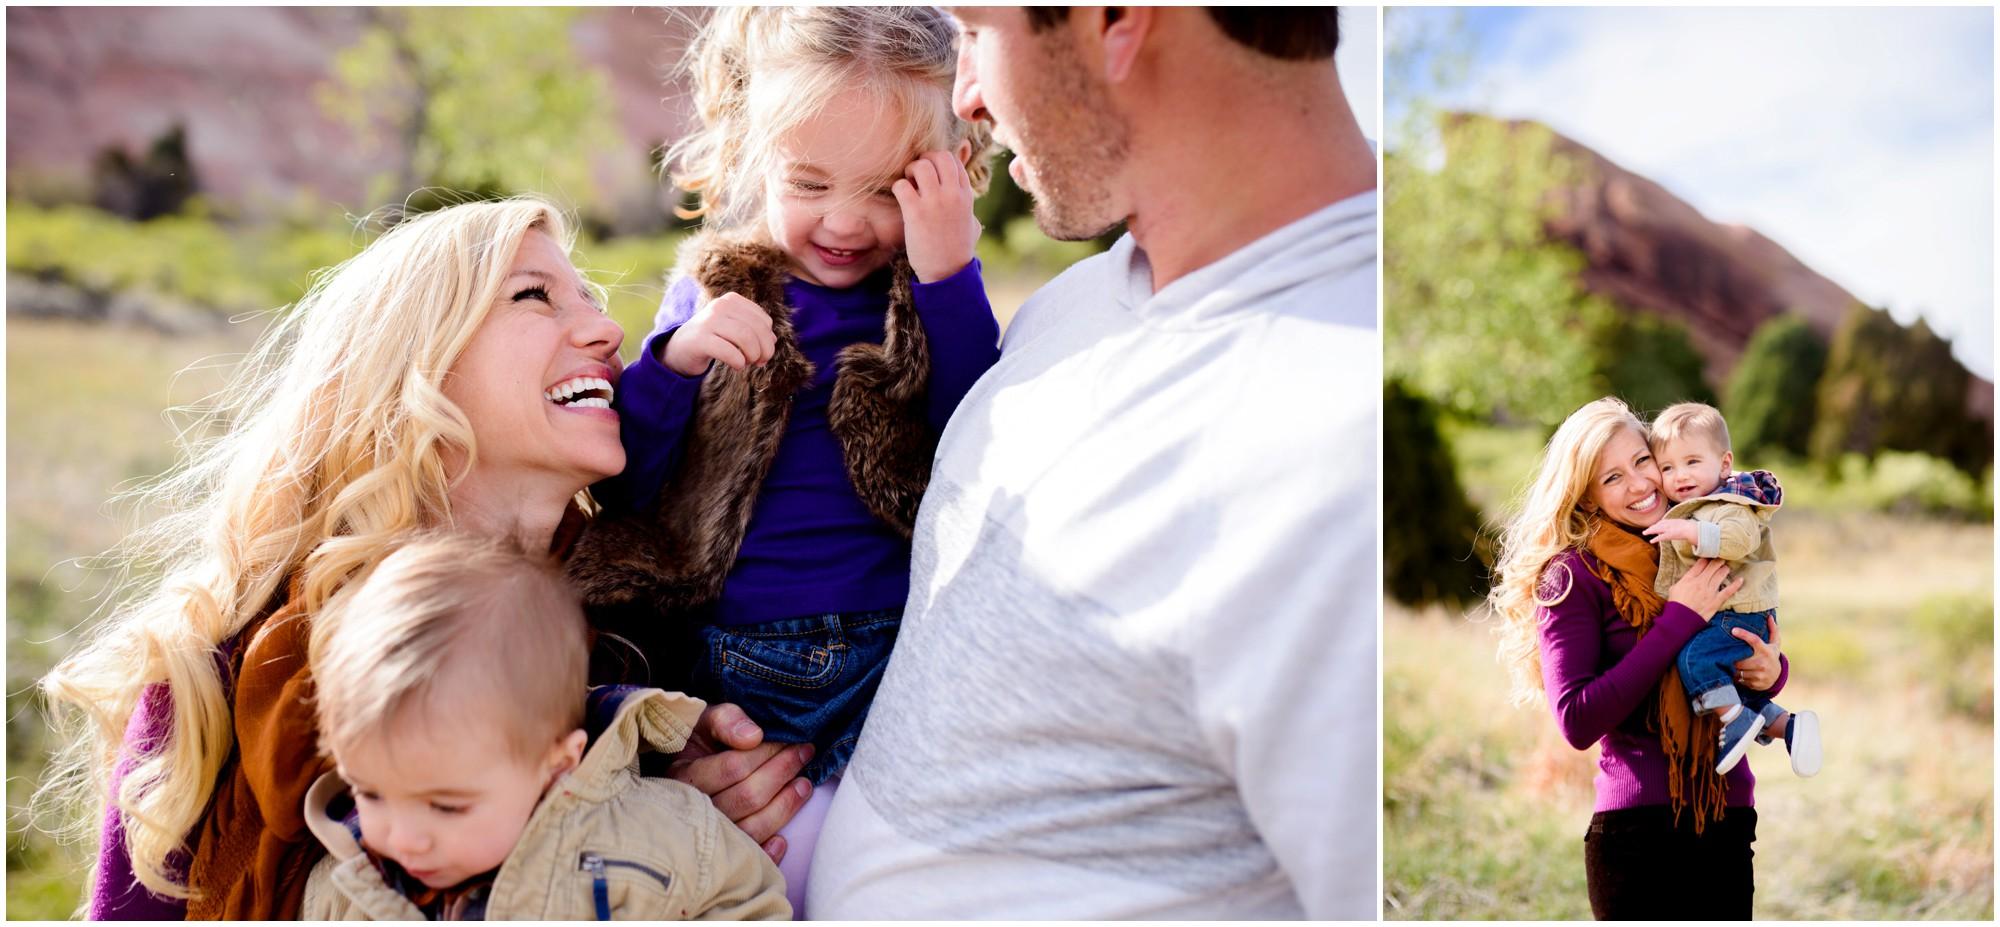 59-Denver-Red-rocks-family-photography.jpg